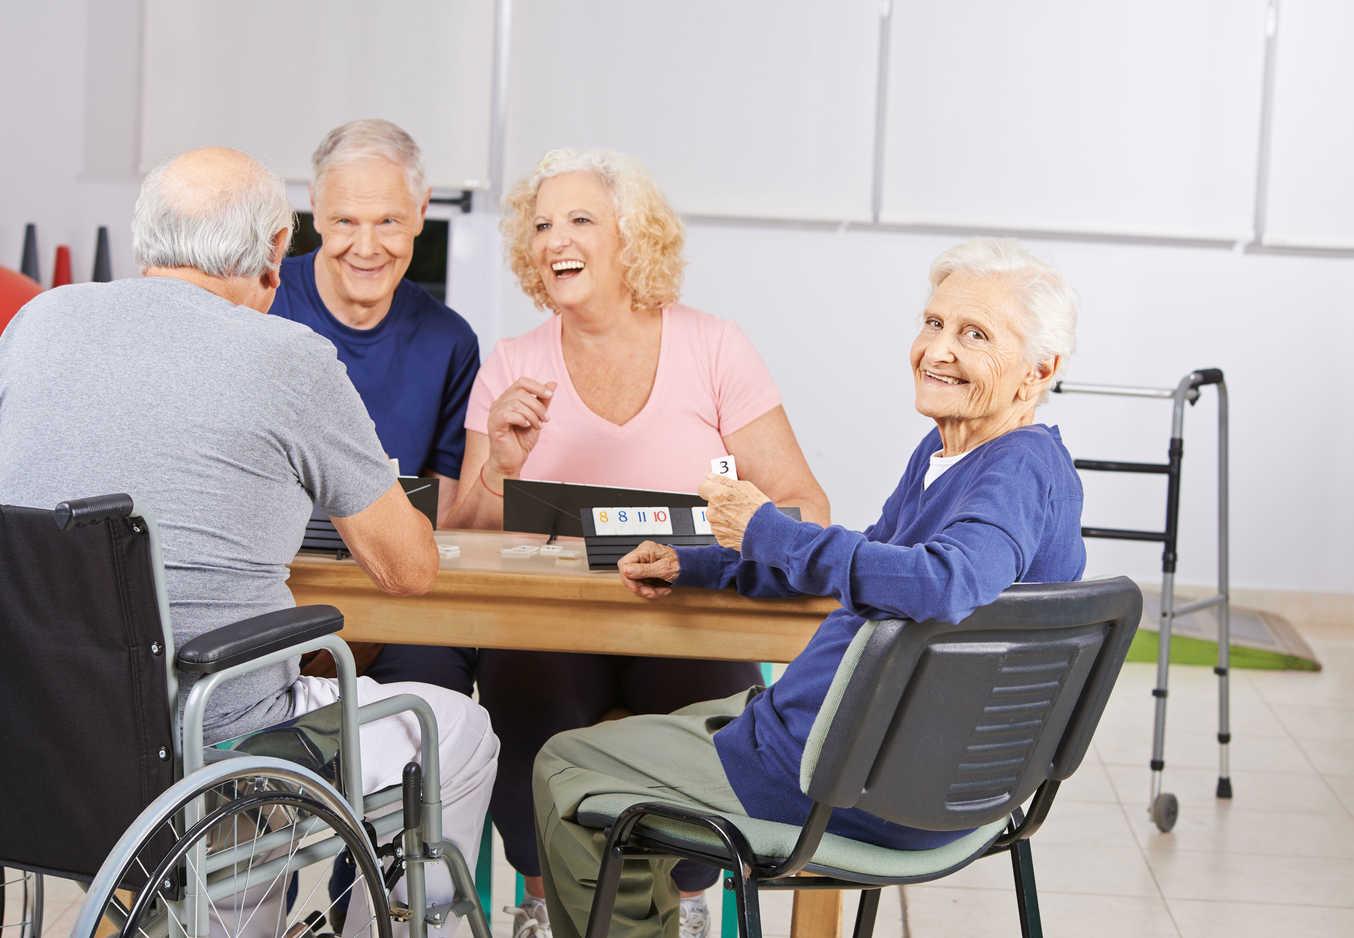 Ancianos divirtiéndose juntos en una residencia de mayores